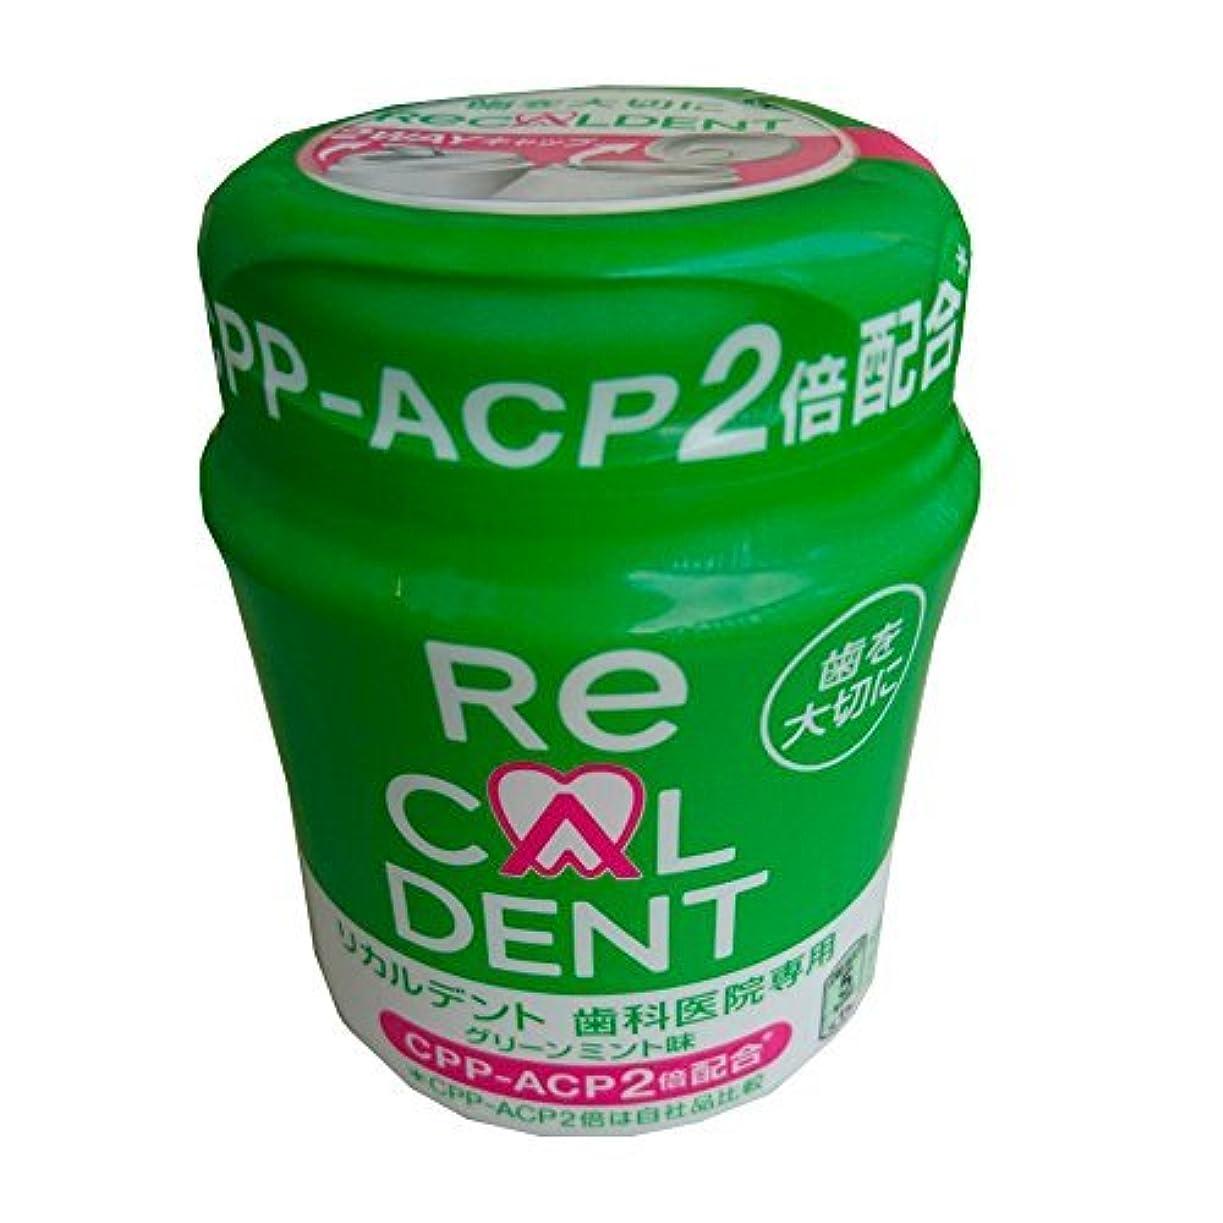 押し下げる議会健康的歯科医院専用 リカルデントガム グリーンミント味 140gボトル 1個